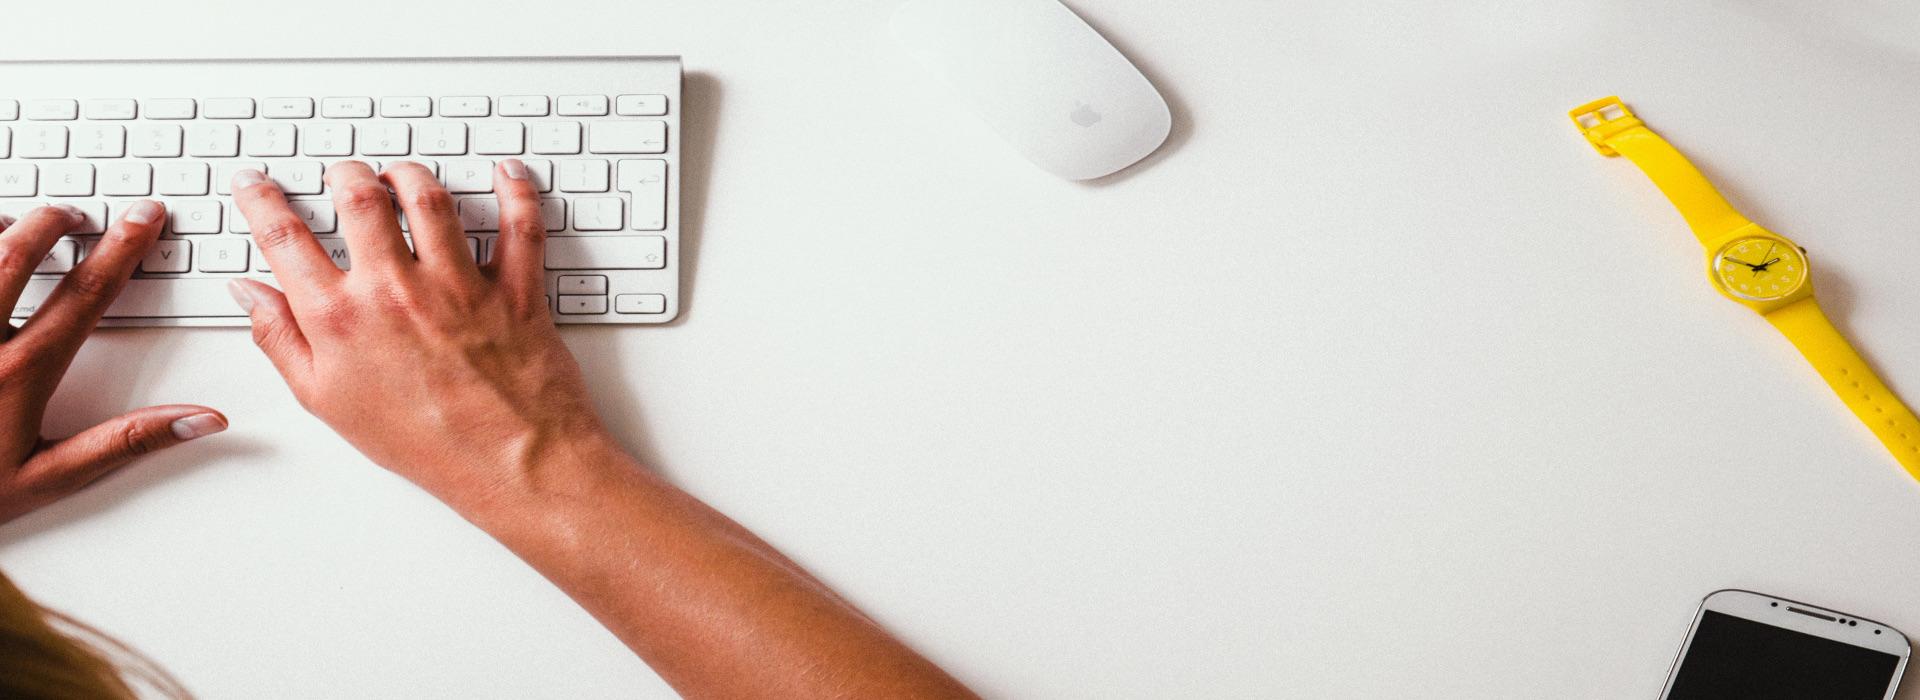 Ako zvýšiť efektivitu práce?